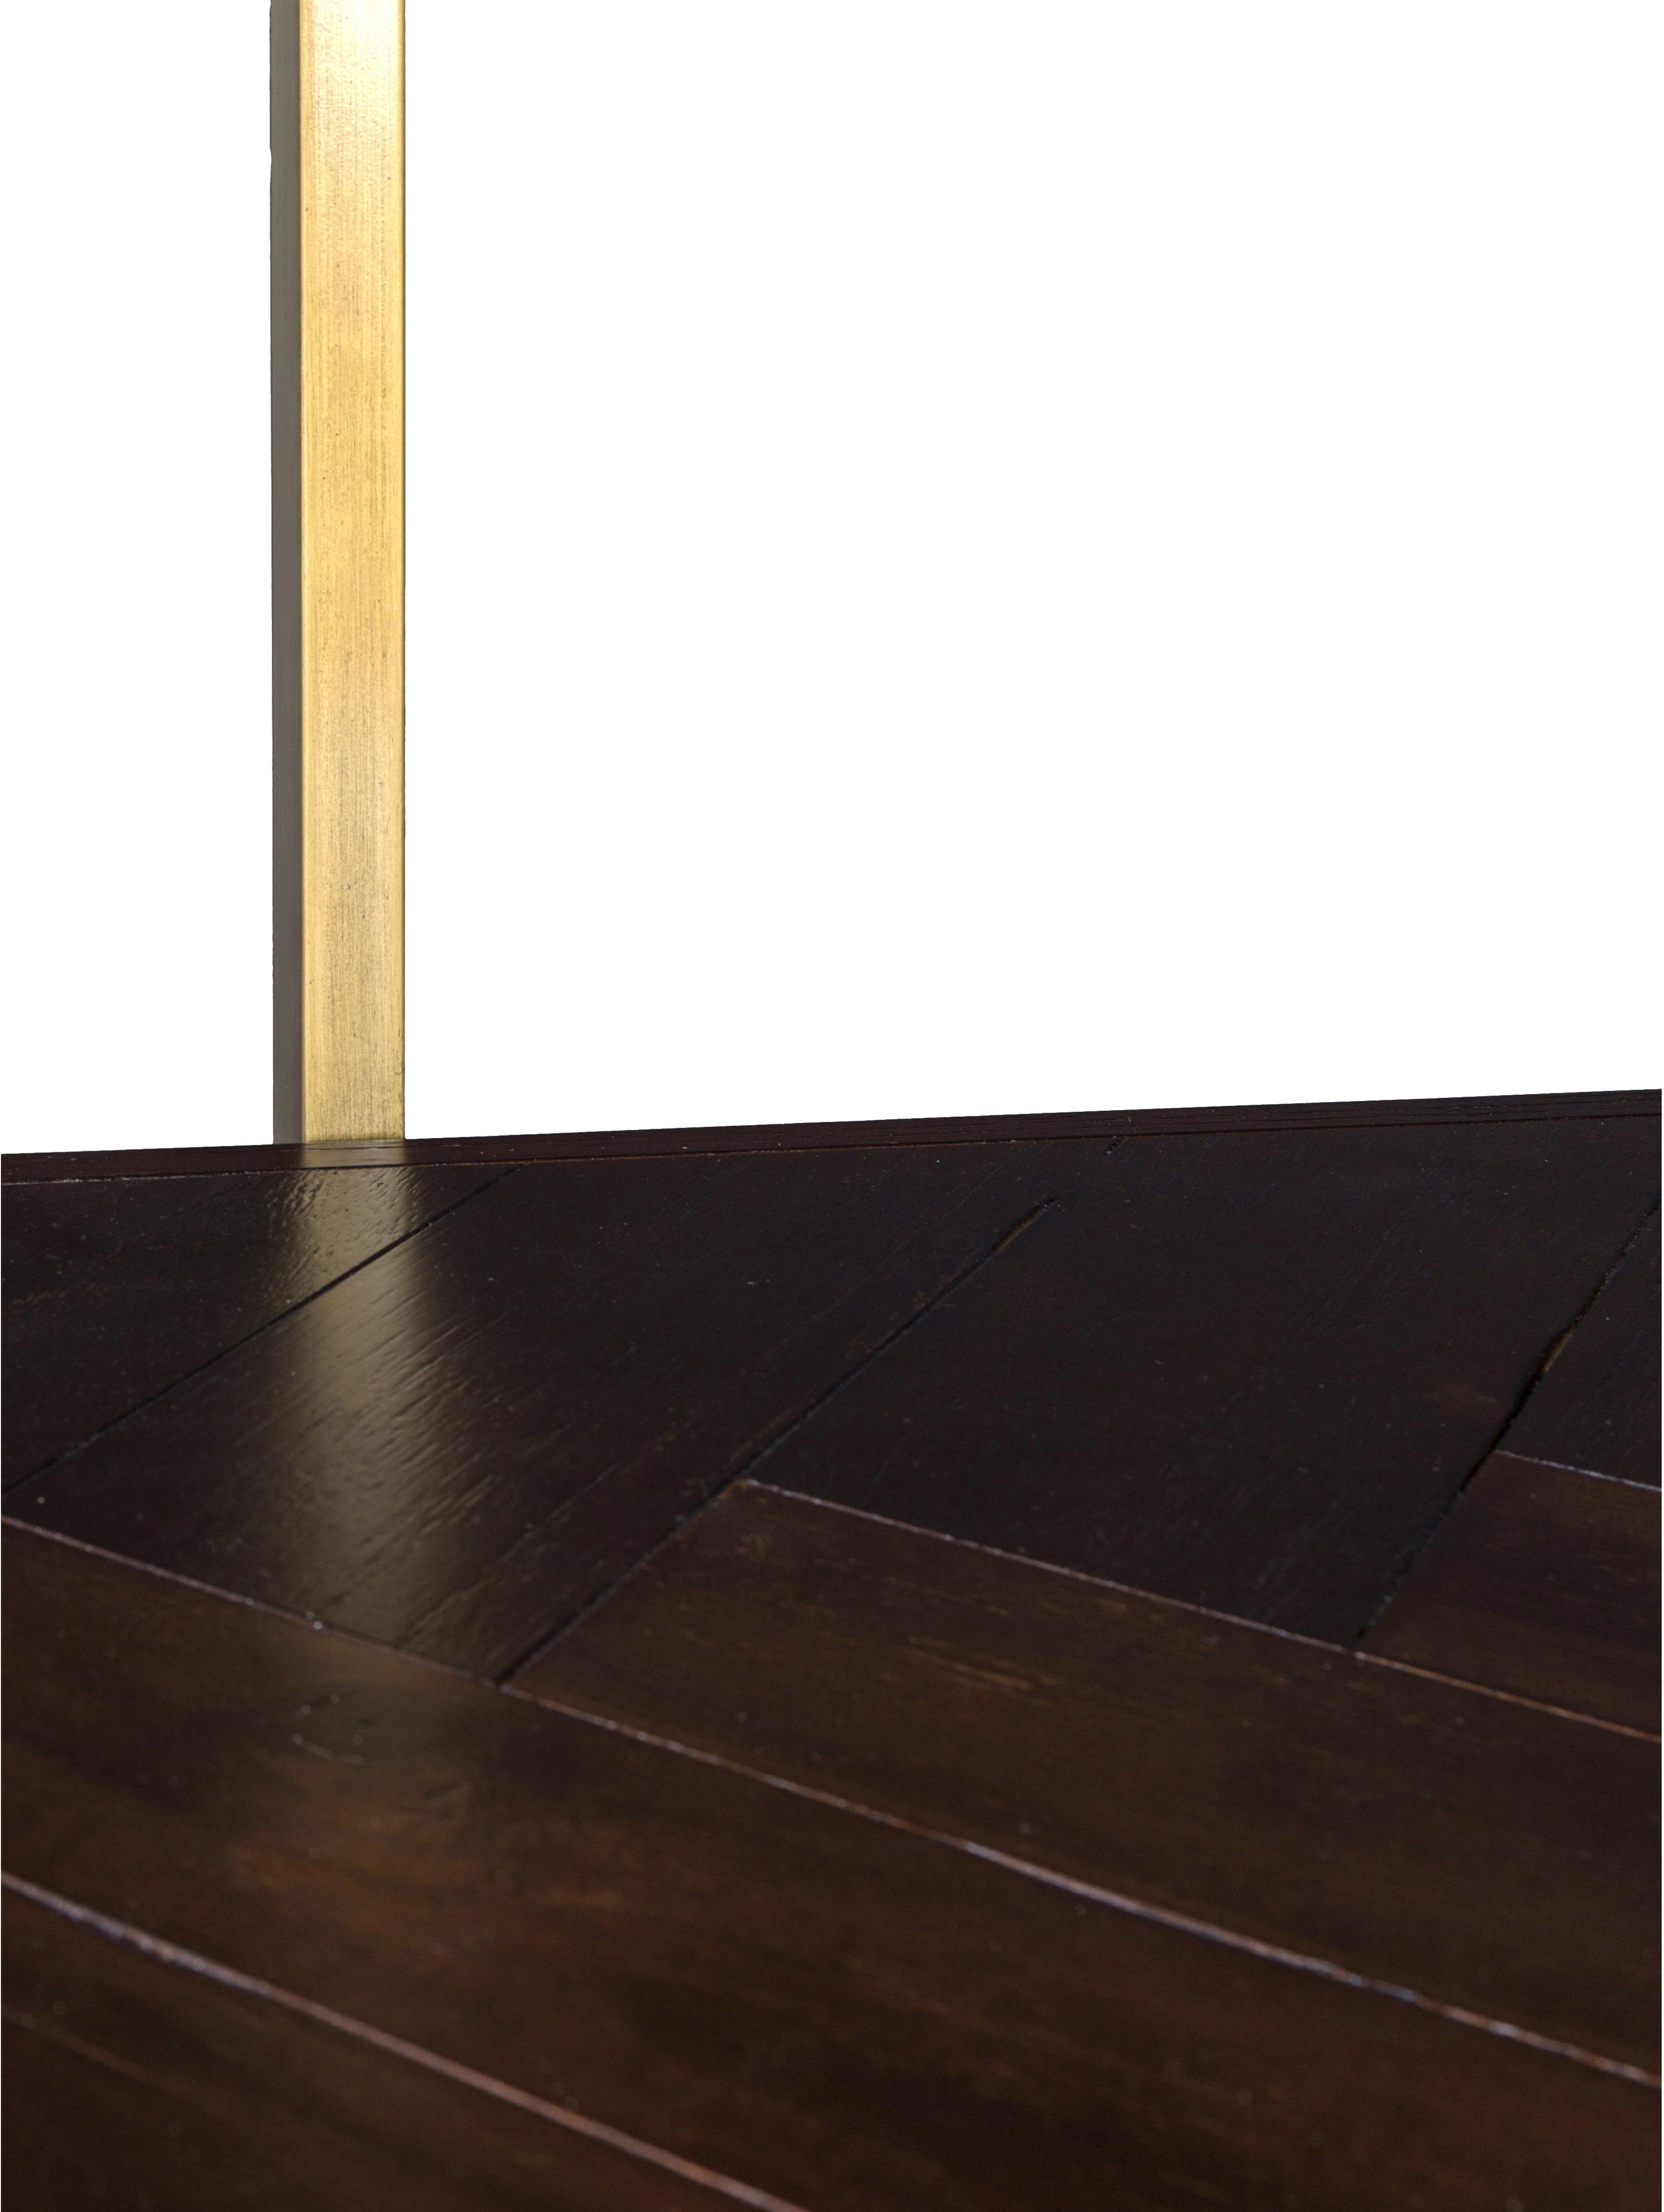 Libreria a spina di pesce Class, Struttura: metallo, Ripiani: Pannello di fibra a media, Mensole: Acacia Struttura: colori ottone antico, Larg. 140 x Alt. 146 cm